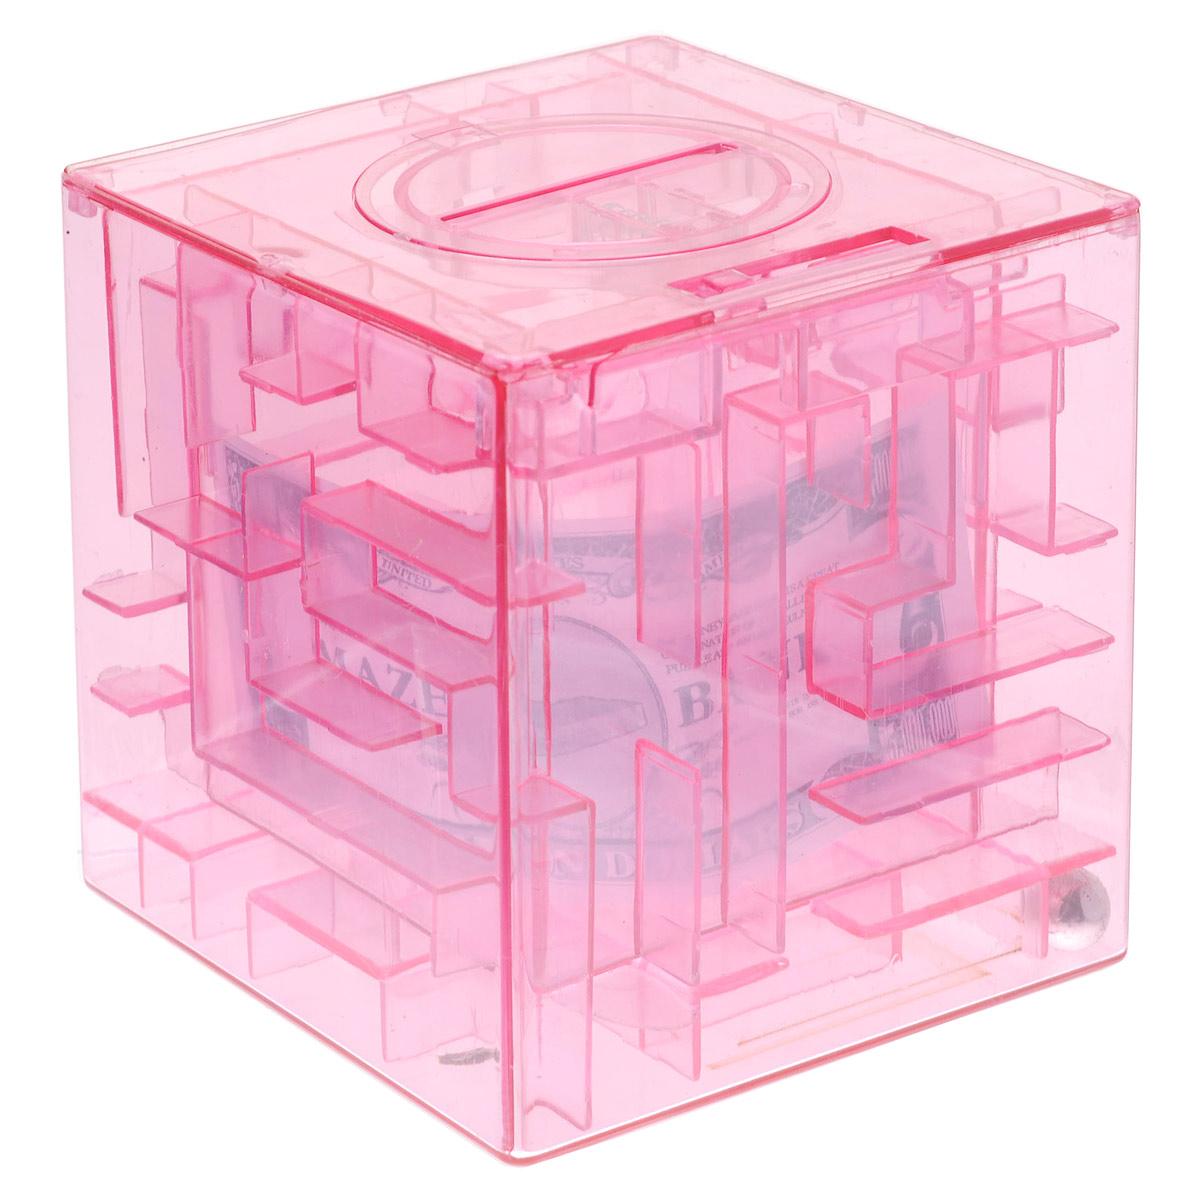 Копилка-головоломка Эврика Лабиринт, цвет: розовыйRG-D31SКопилка Лабиринт - это самая настоящая головоломка. Она изготовлена из высококачественного пластика. Чтобы достать накопленные денежки, необходимо провести шарик по запутанному пути. Копилка Лабиринт - оригинальный способ преподнести подарок. Положите купюру в копилку, и смело вручайте имениннику. Вашему другу придется потрудиться, чтобы достать подаренную купюру. Копилка имеет отверстие, чтобы класть в нее деньги. Размер копилки: 9 см х 9 см х 9 см.